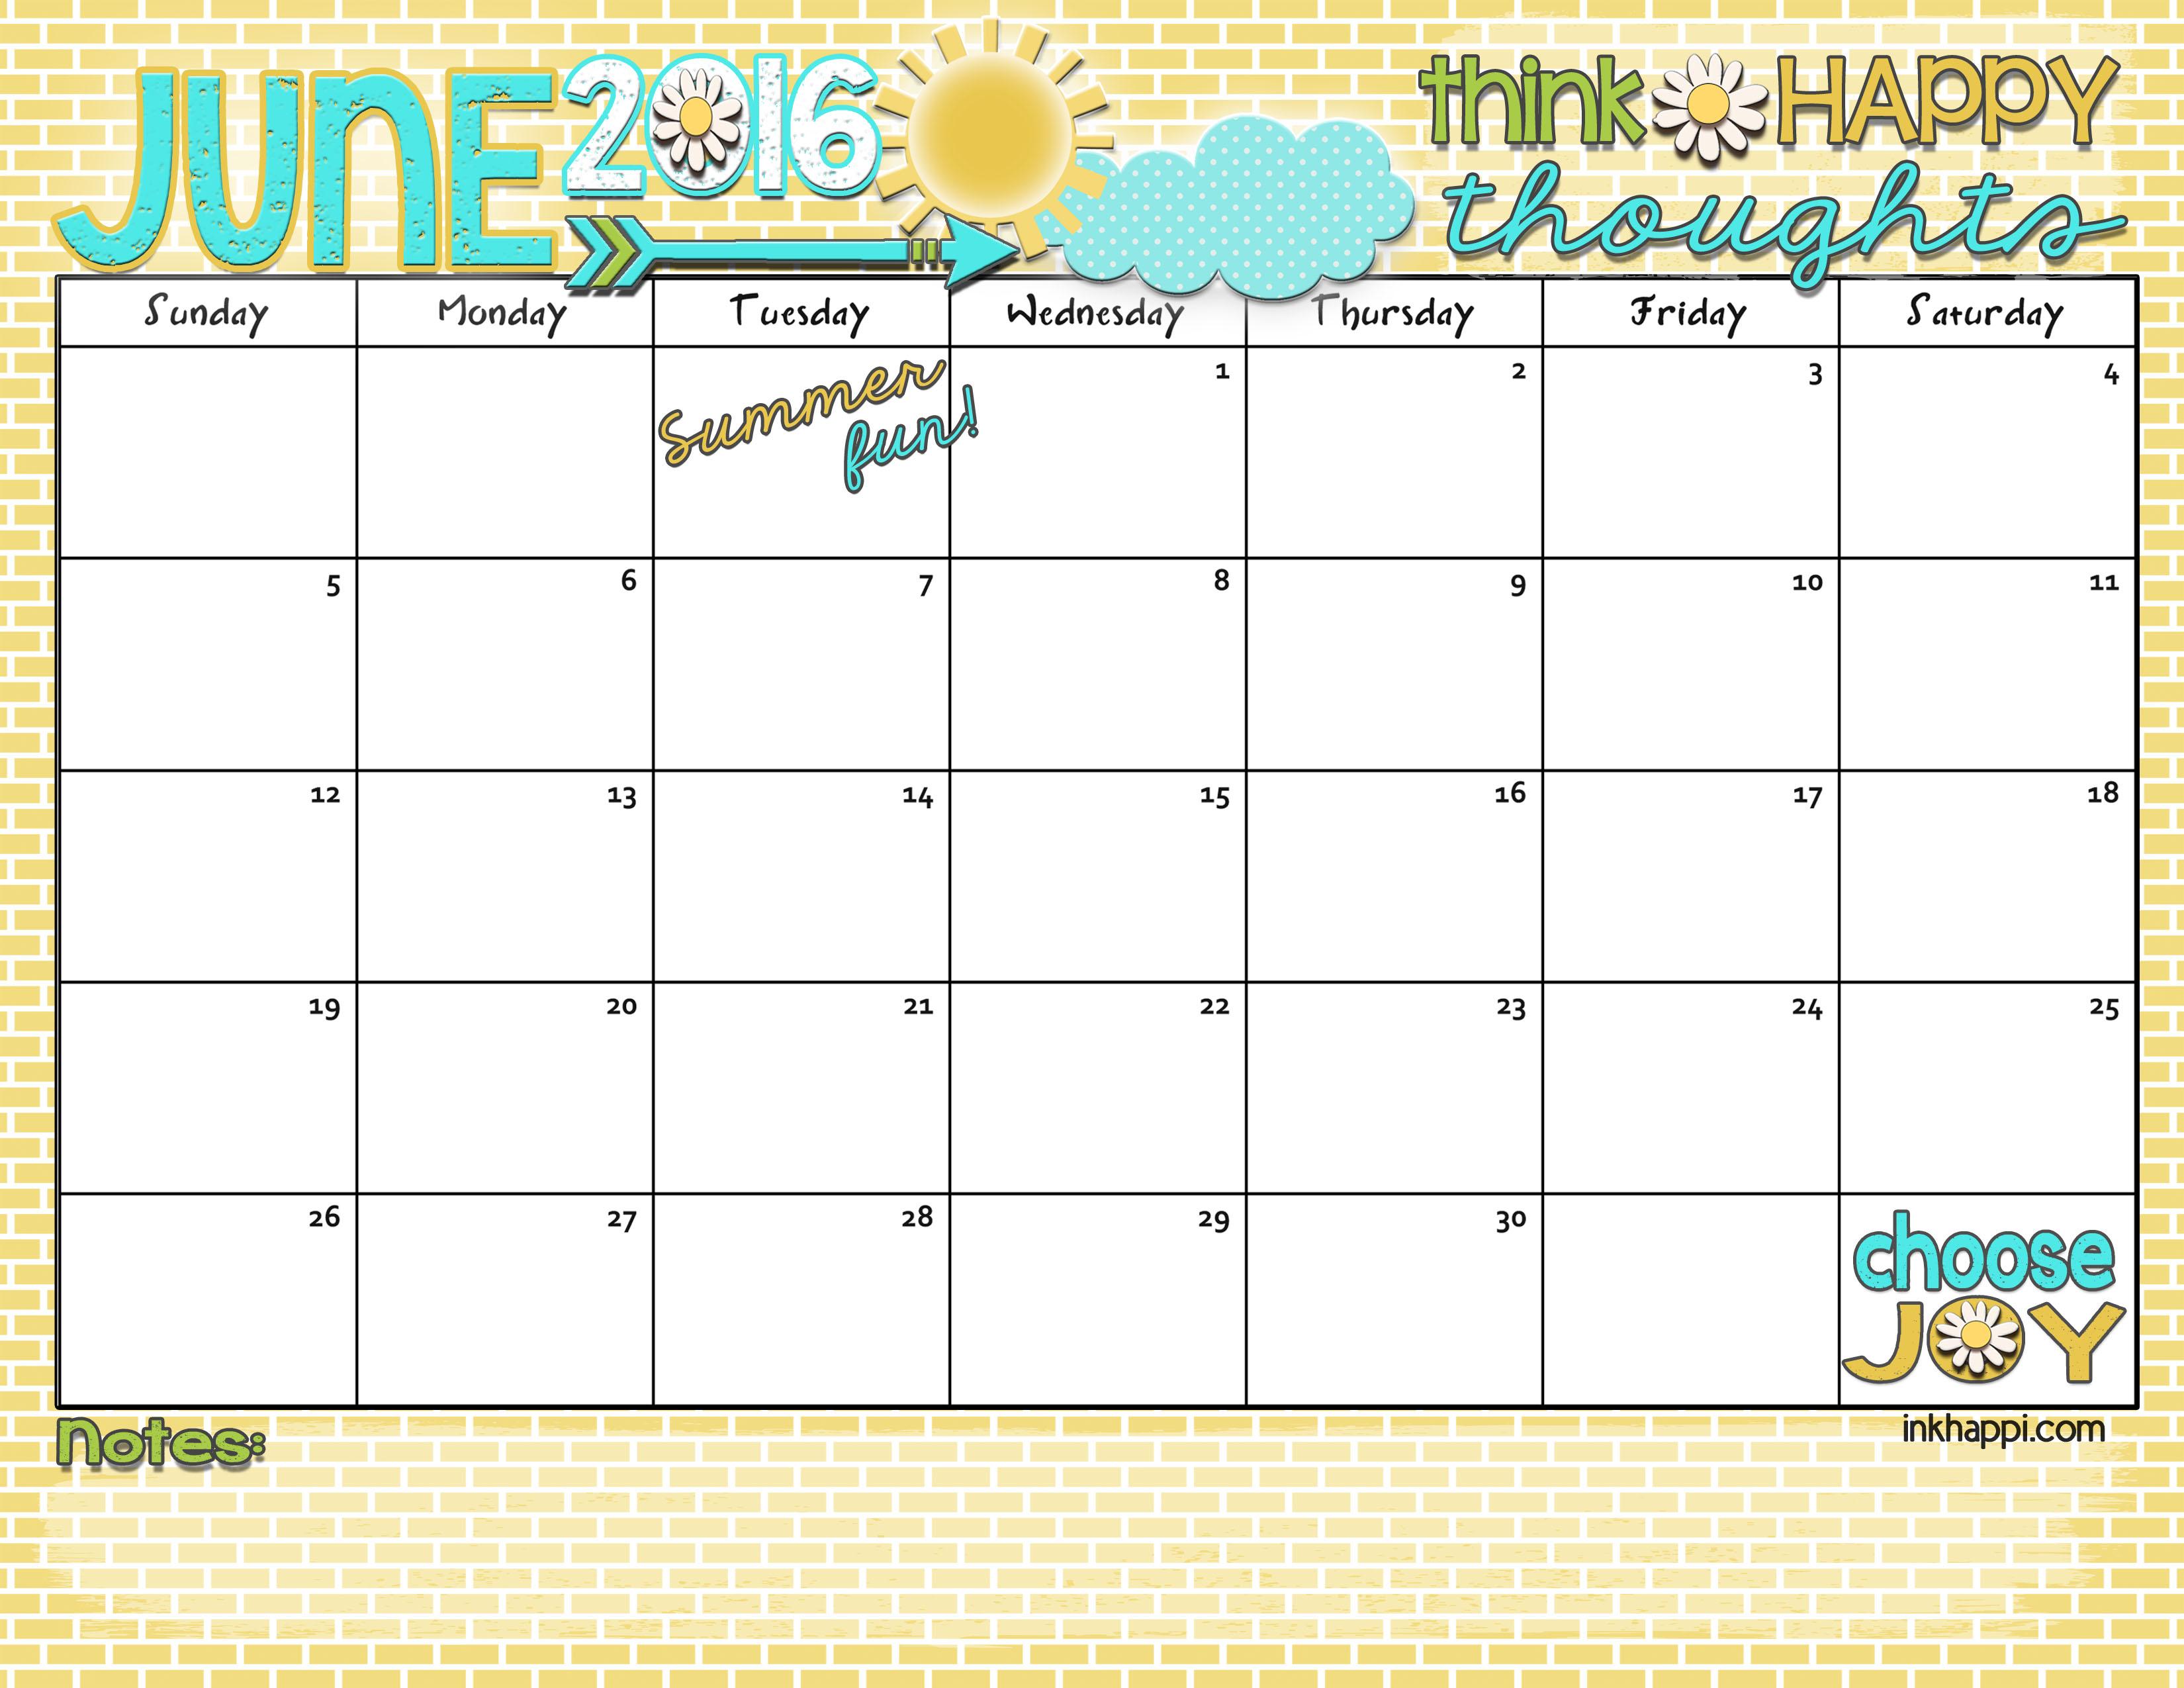 Free Online Calendar Printable | Online Calendar Reminder Service